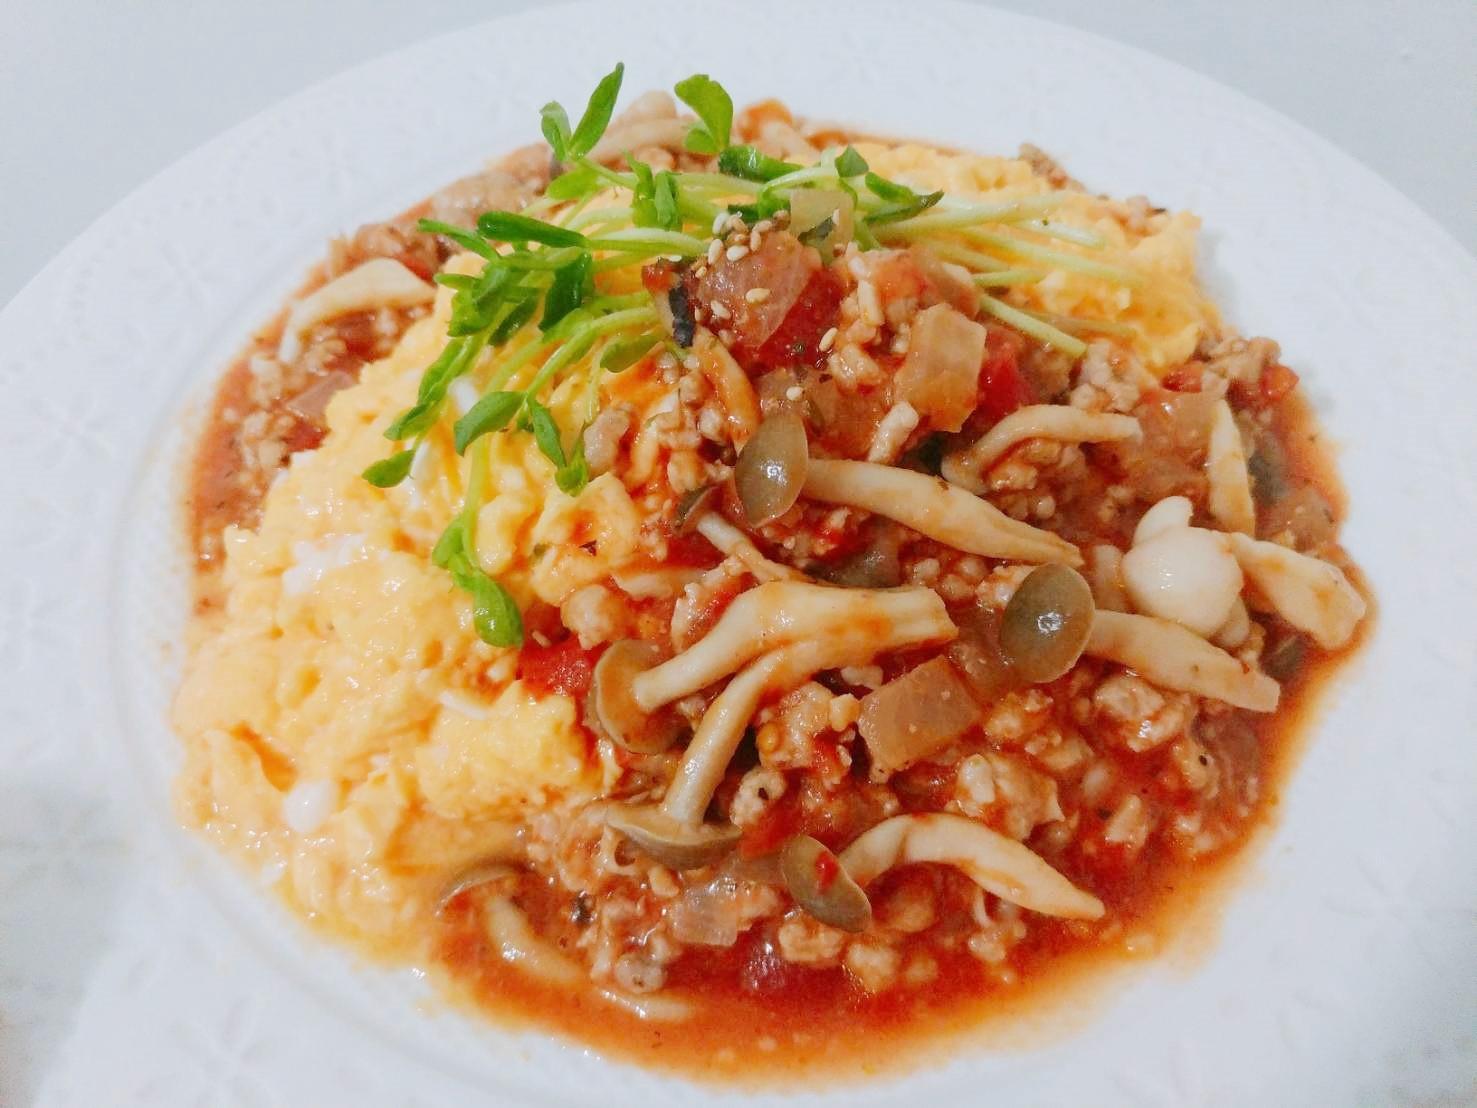 義式雙菇起司蕃茄滑蛋燴飯【好菇道好食光】